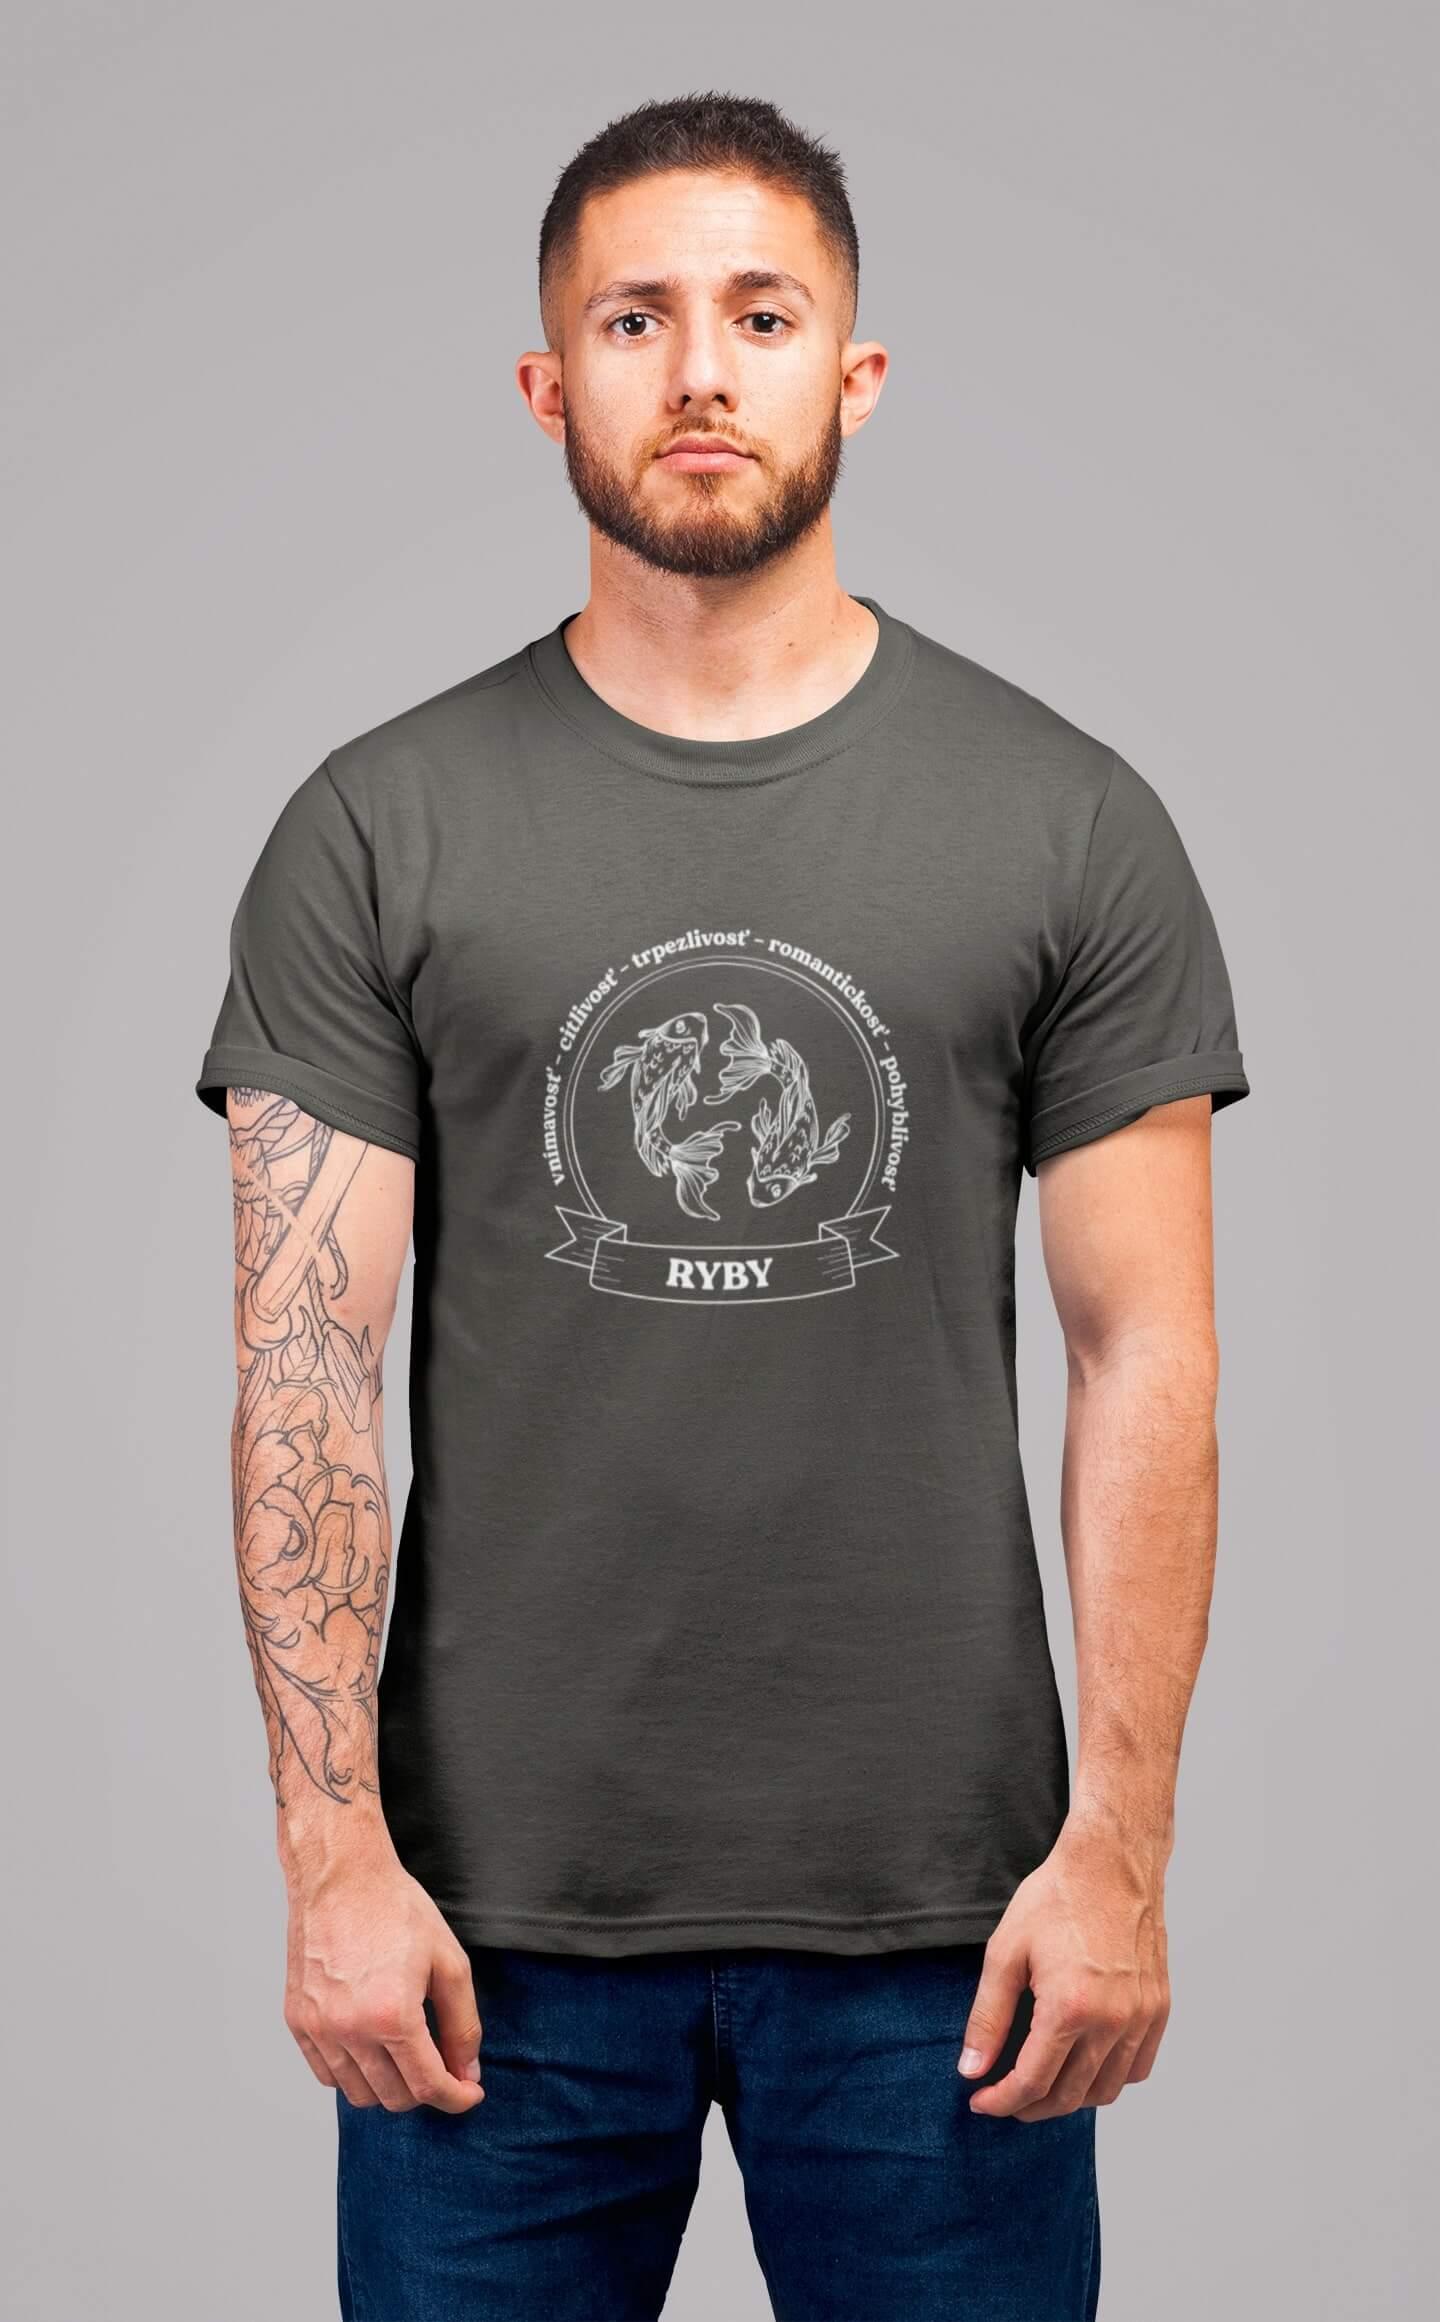 MMO Pánske tričko Ryby Vyberte farbu: Tmavá bridlica, Vyberte veľkosť: XL